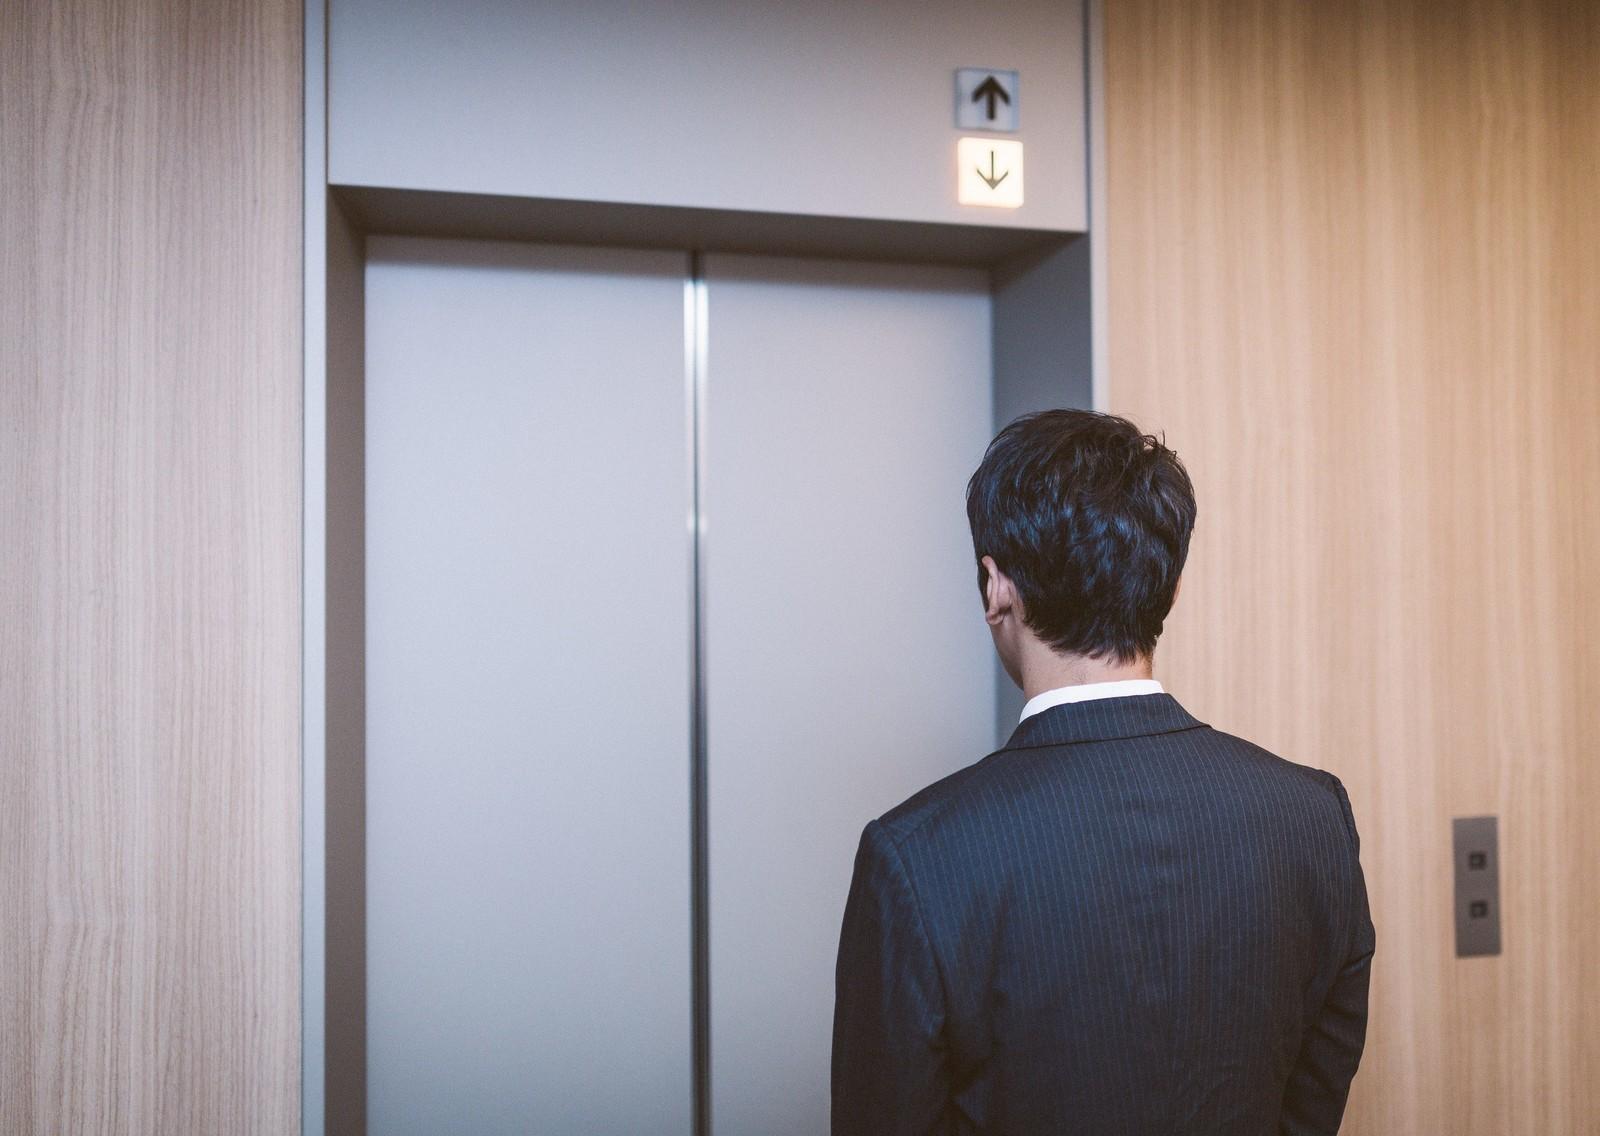 30歳になって仕事を辞めたいと感じてるのに何もしないのはだめ。転職のリスクは高くない。